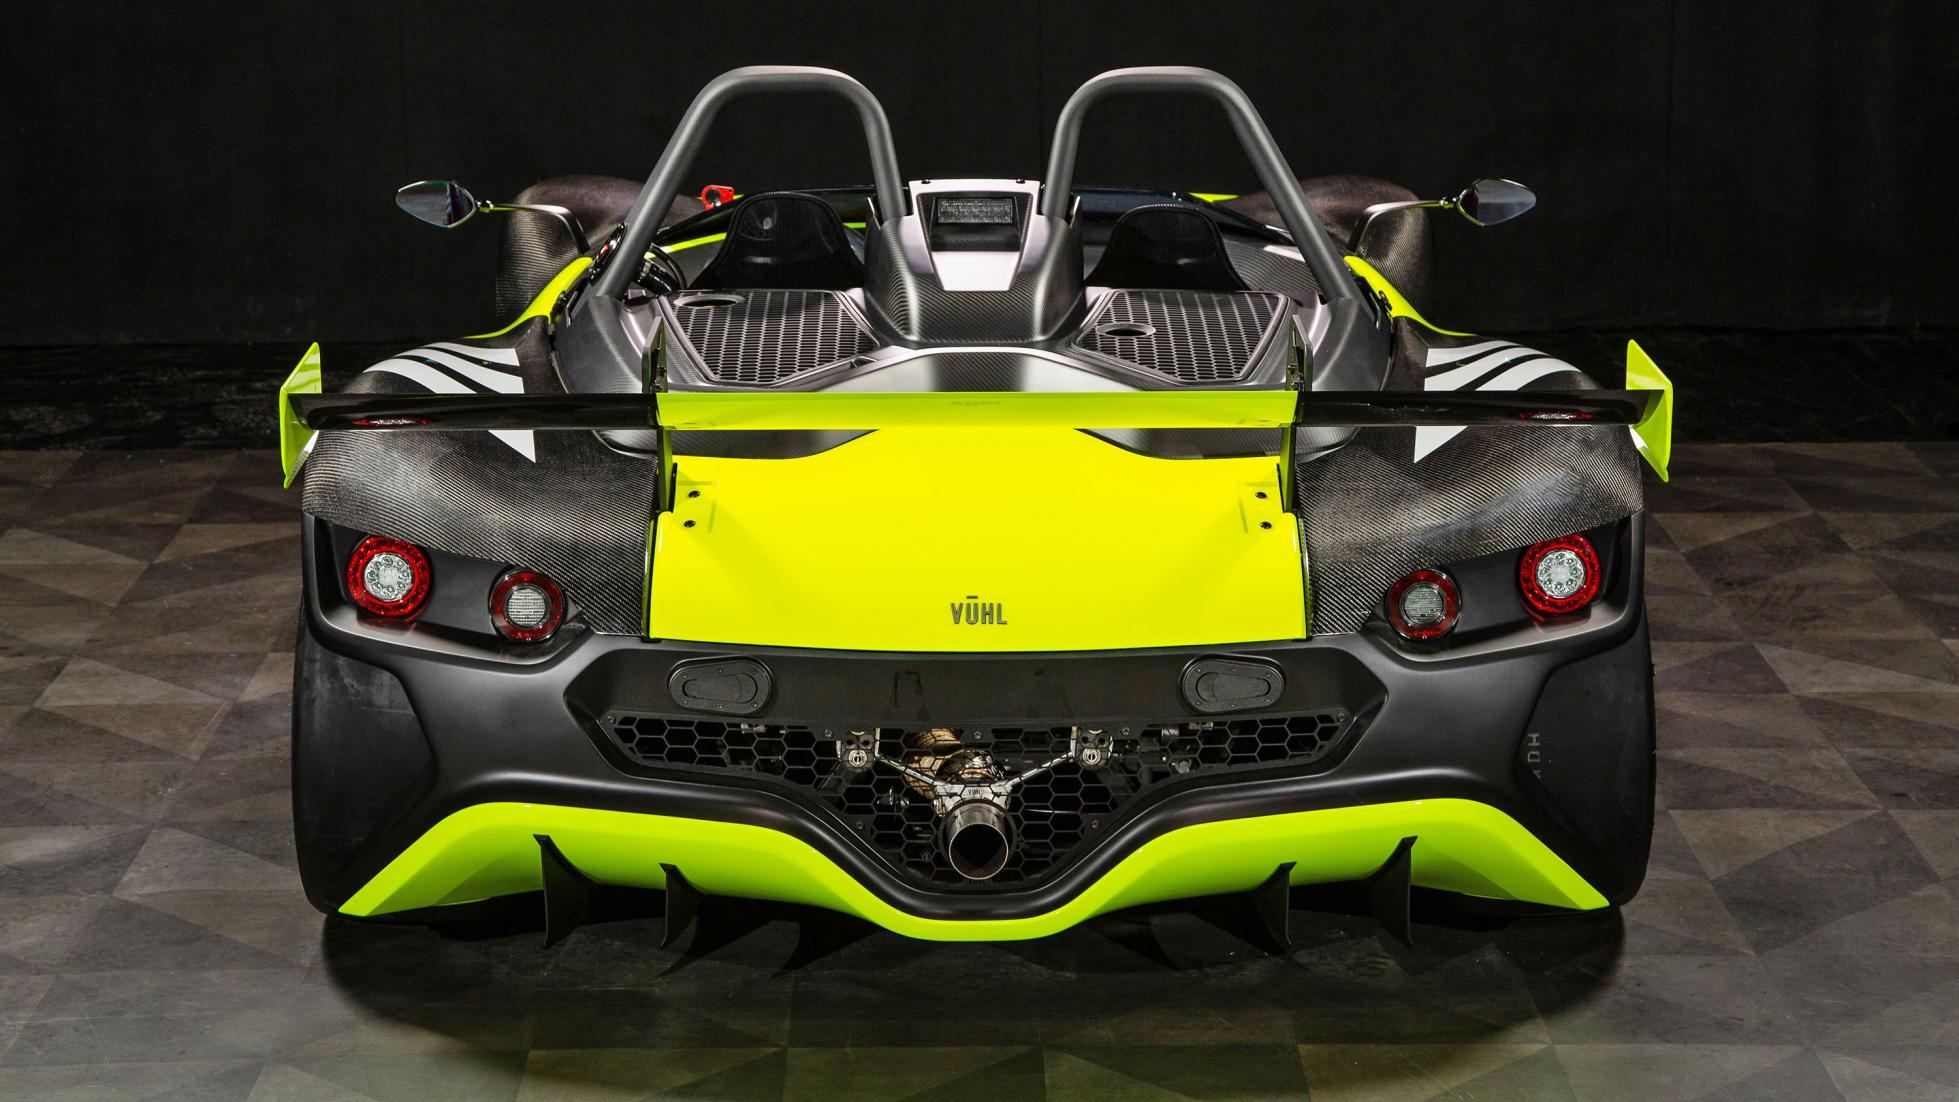 La Vuhl 05RR a un meilleur rapport poids/puissance qu'une ...